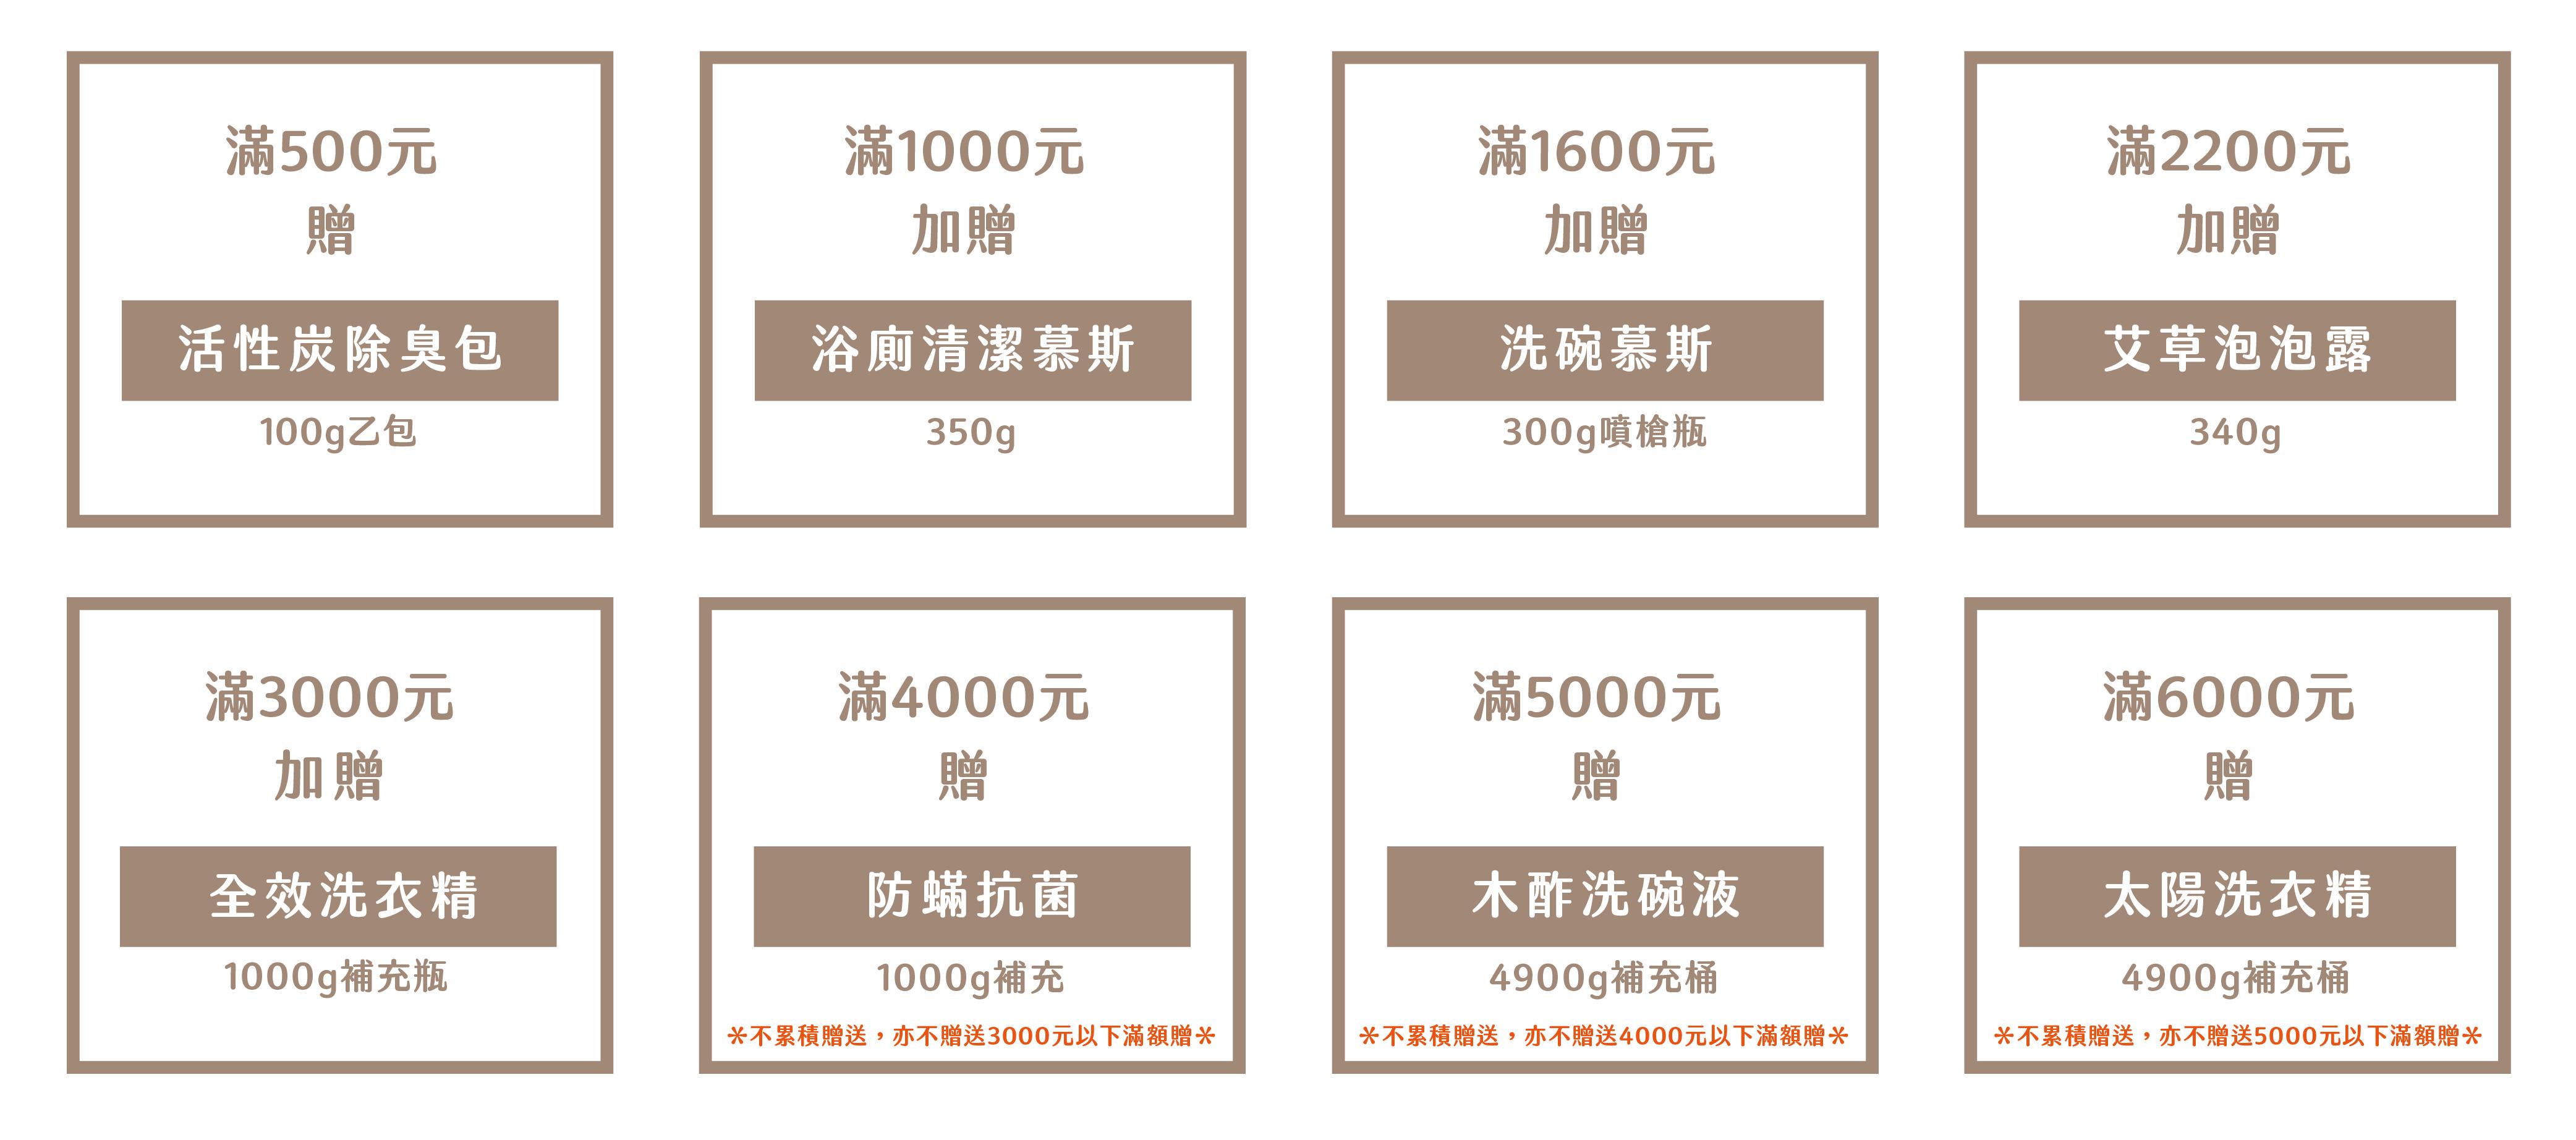 木酢達人官網12月滿額贈